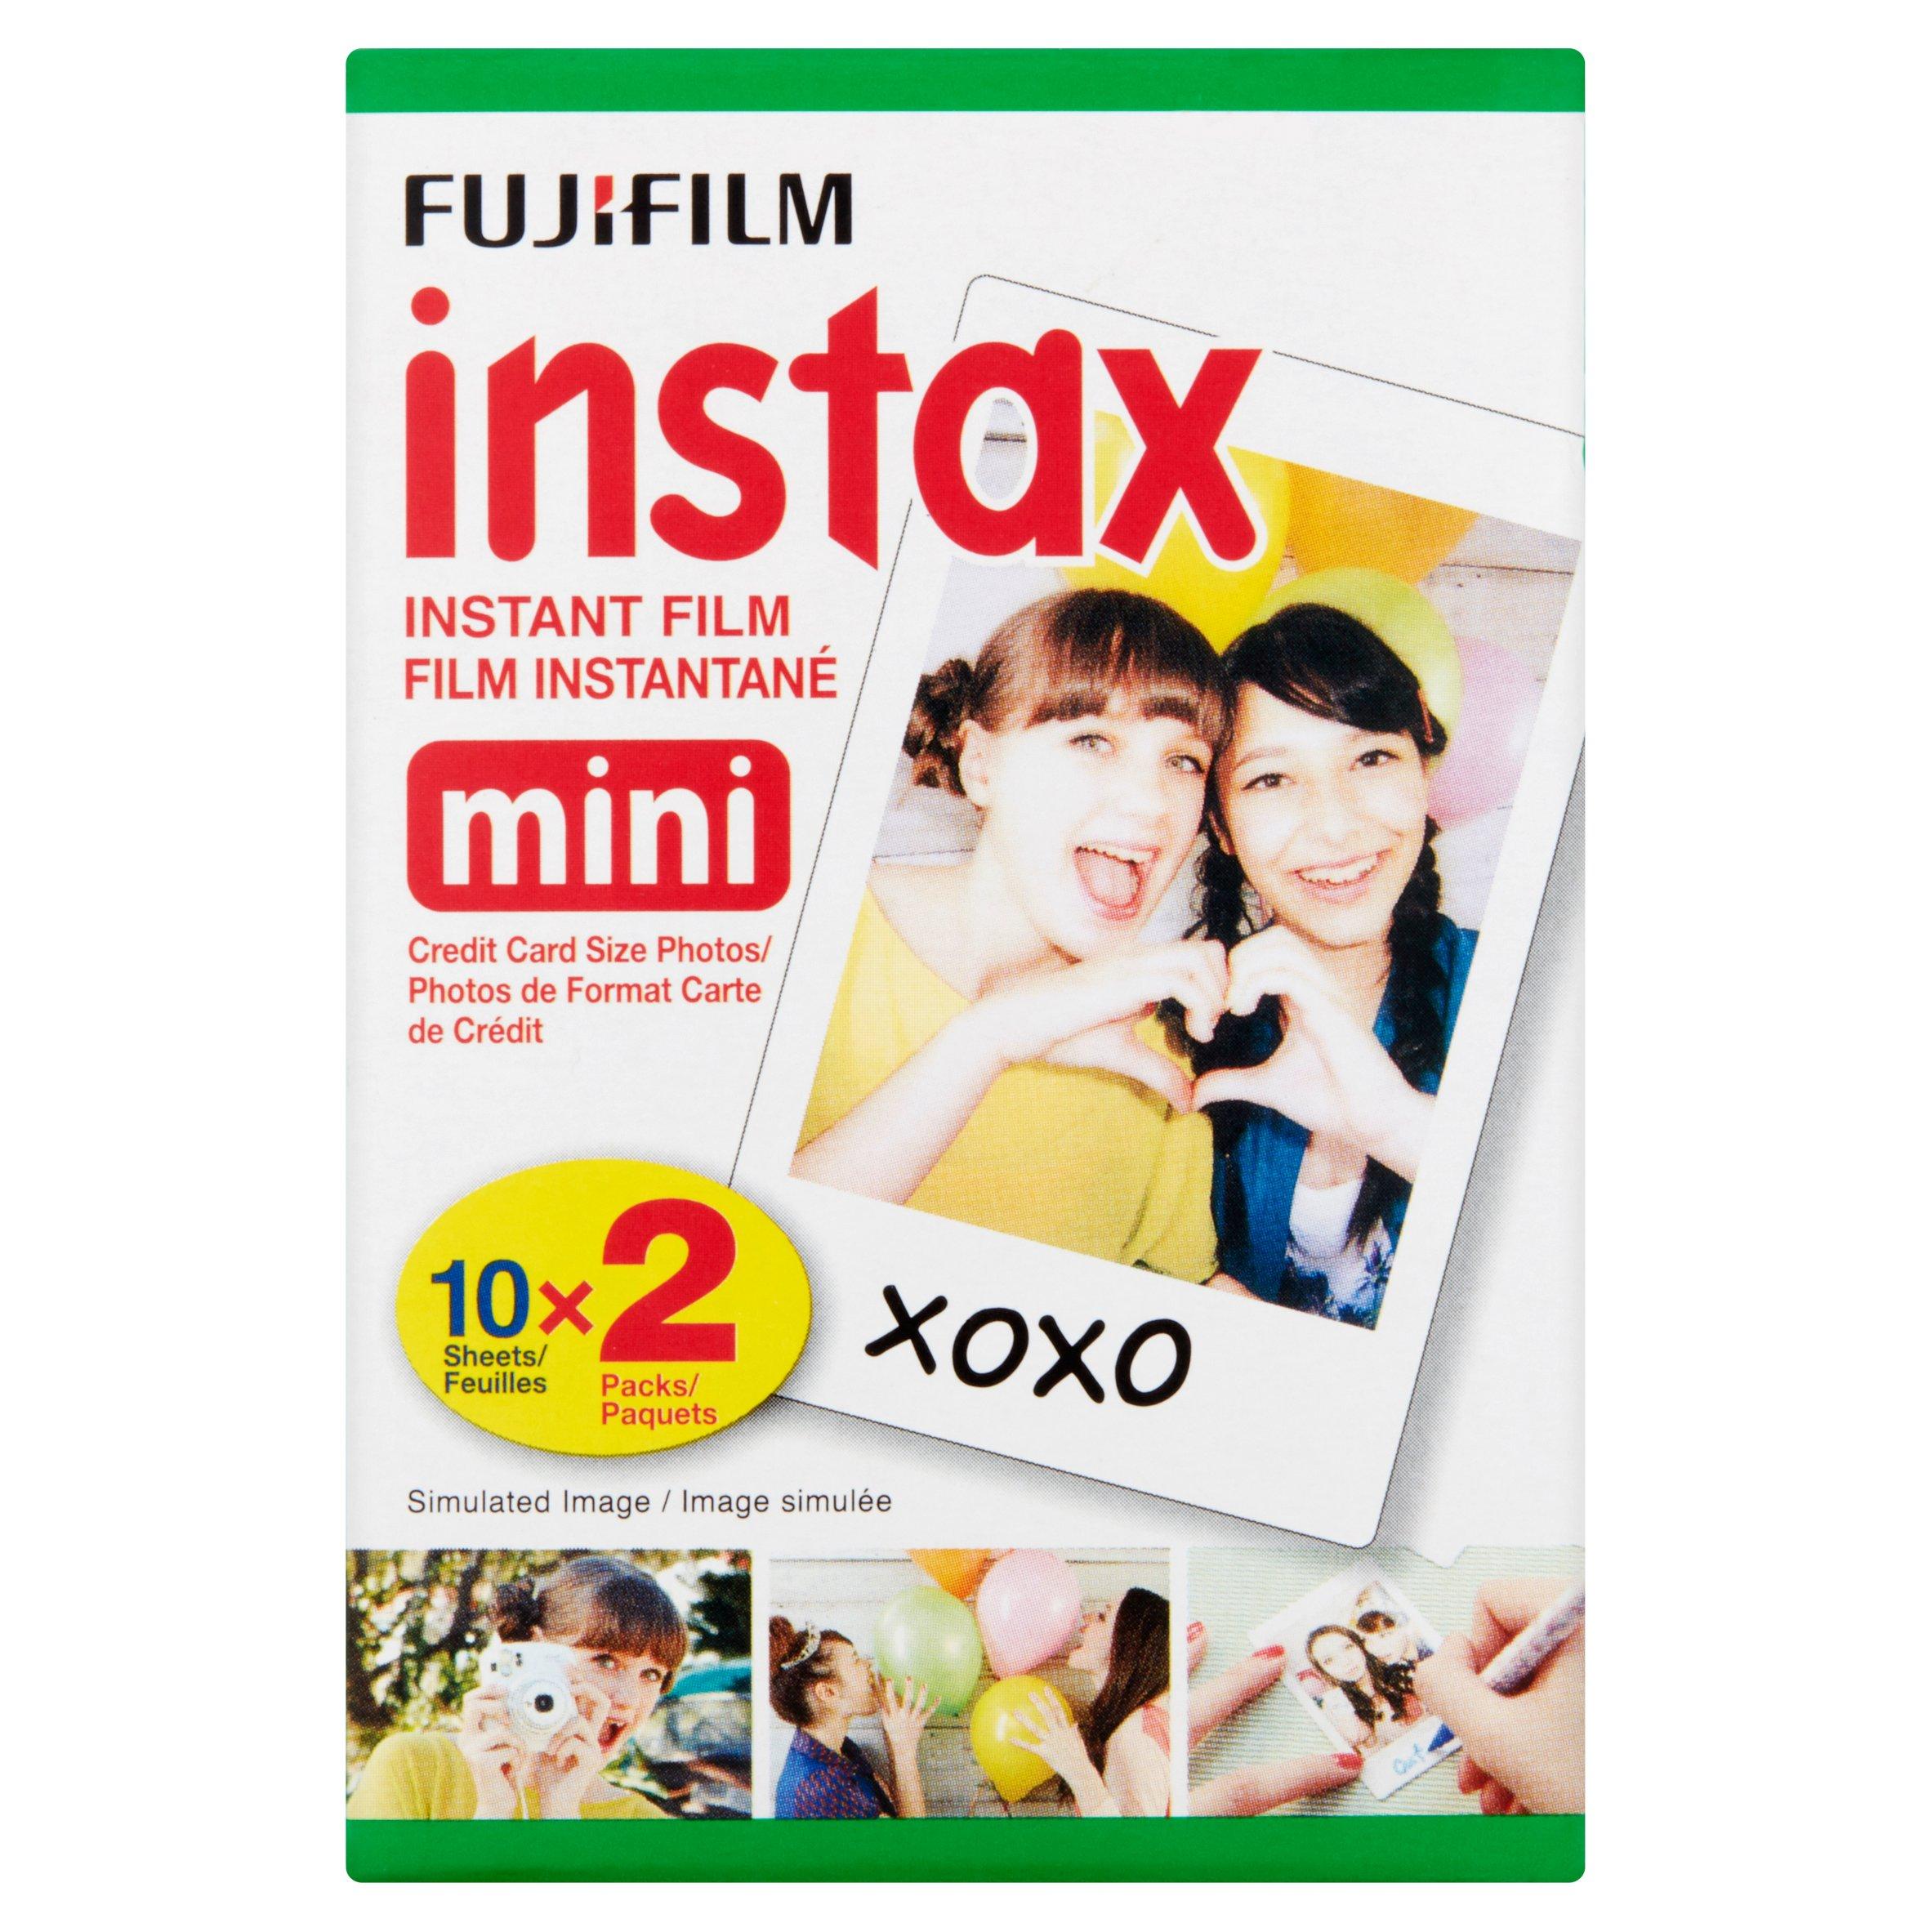 Fujifilm Instax Mini Twin Film Pack (20 Photos) $11.25